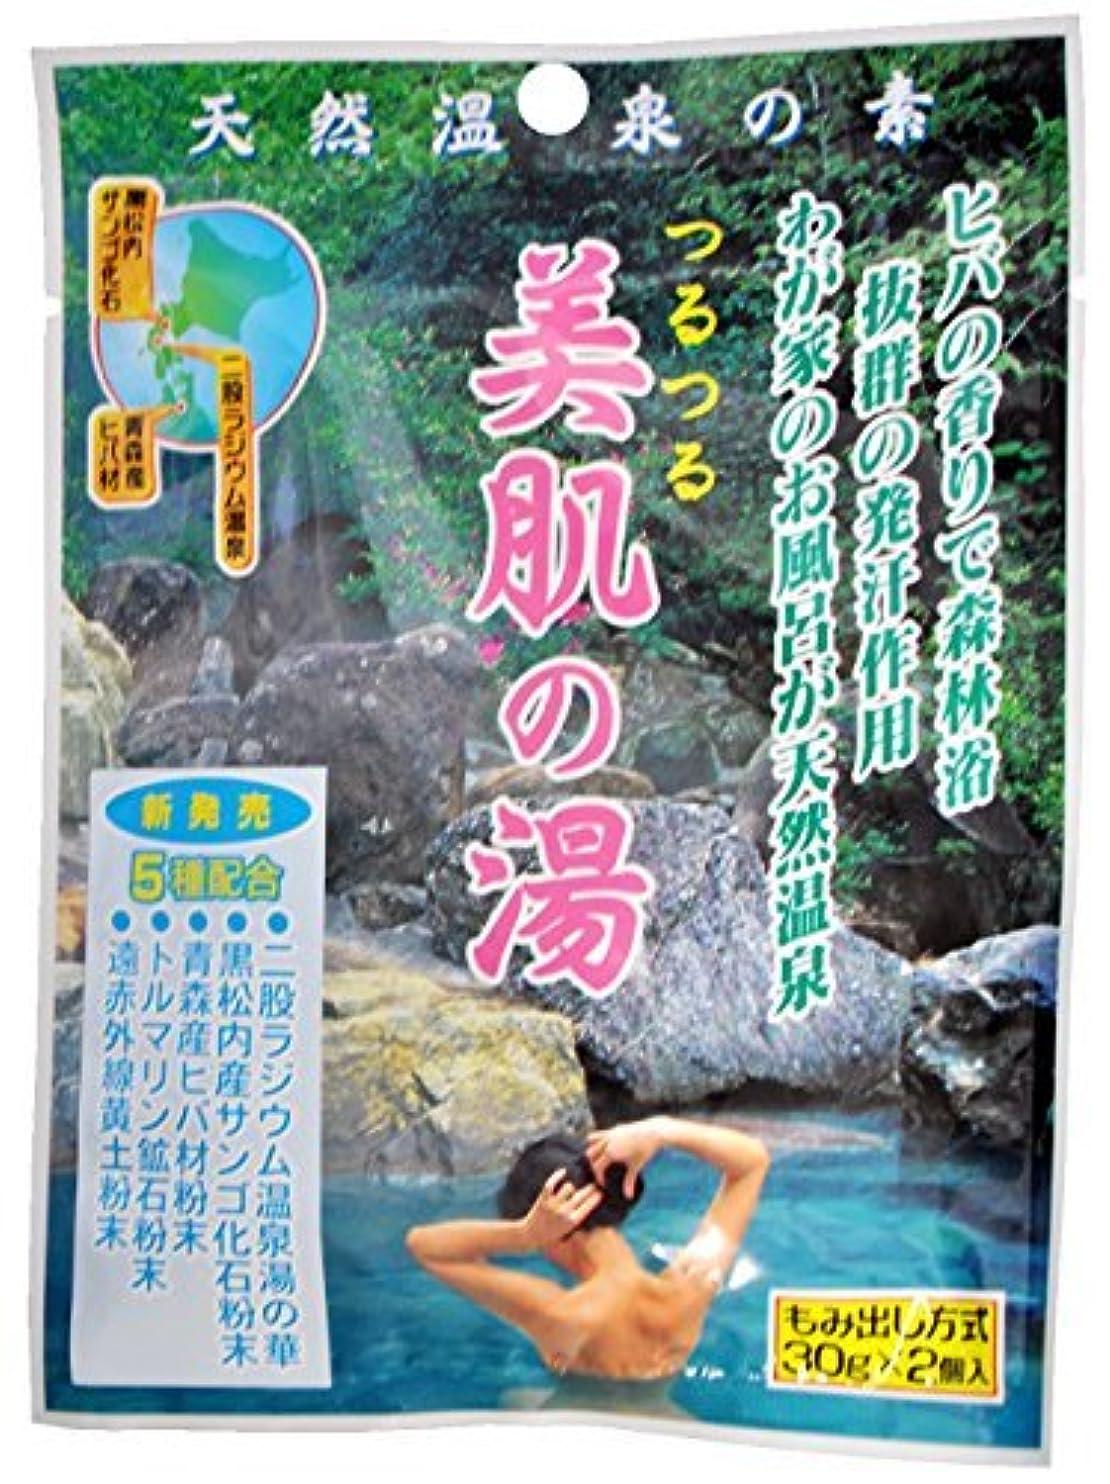 望み寄稿者アドバンテージ【まとめ買い】天然成分入浴剤 つるつる 美肌の湯 2袋入 二股ラジウム温泉の湯の華 ×100個